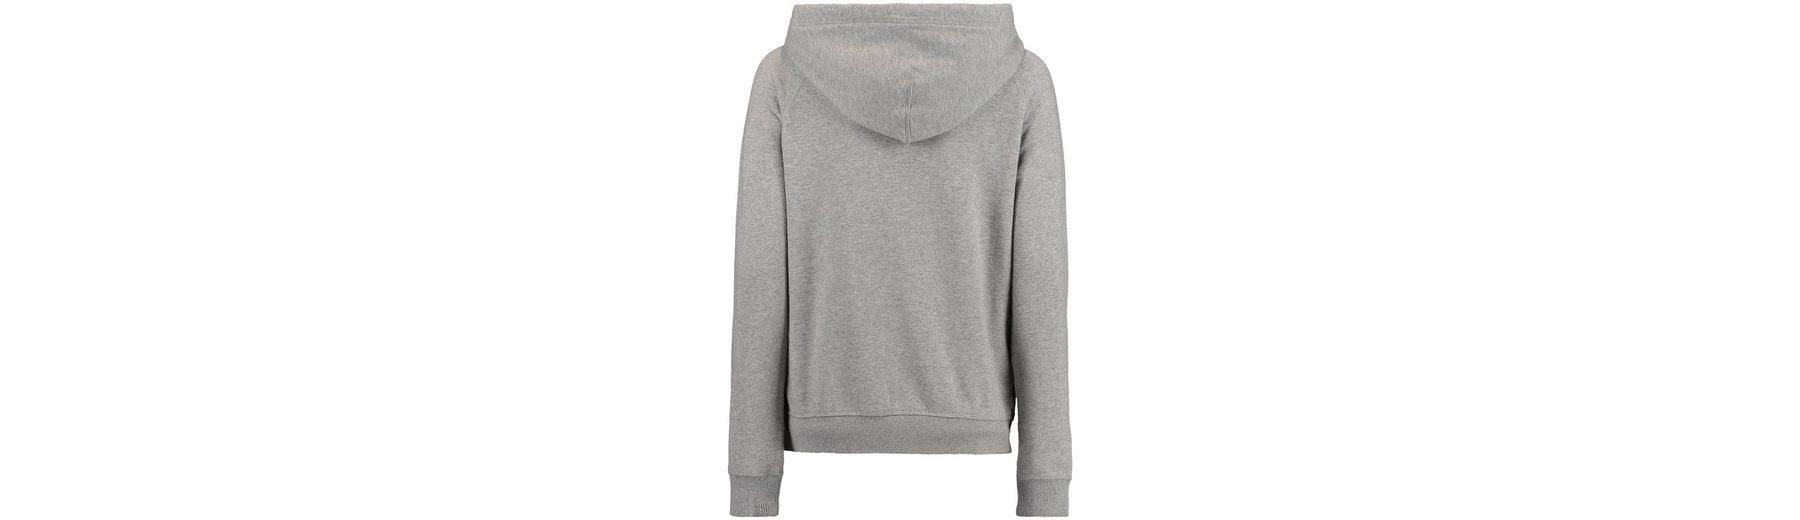 Mit Visum Zahlen Zu Verkaufen Rabatt 100% Original O'Neill Kapuzensweatshirt Easy Fantastic Günstiges Preis Original Professionel XlU2apPM1